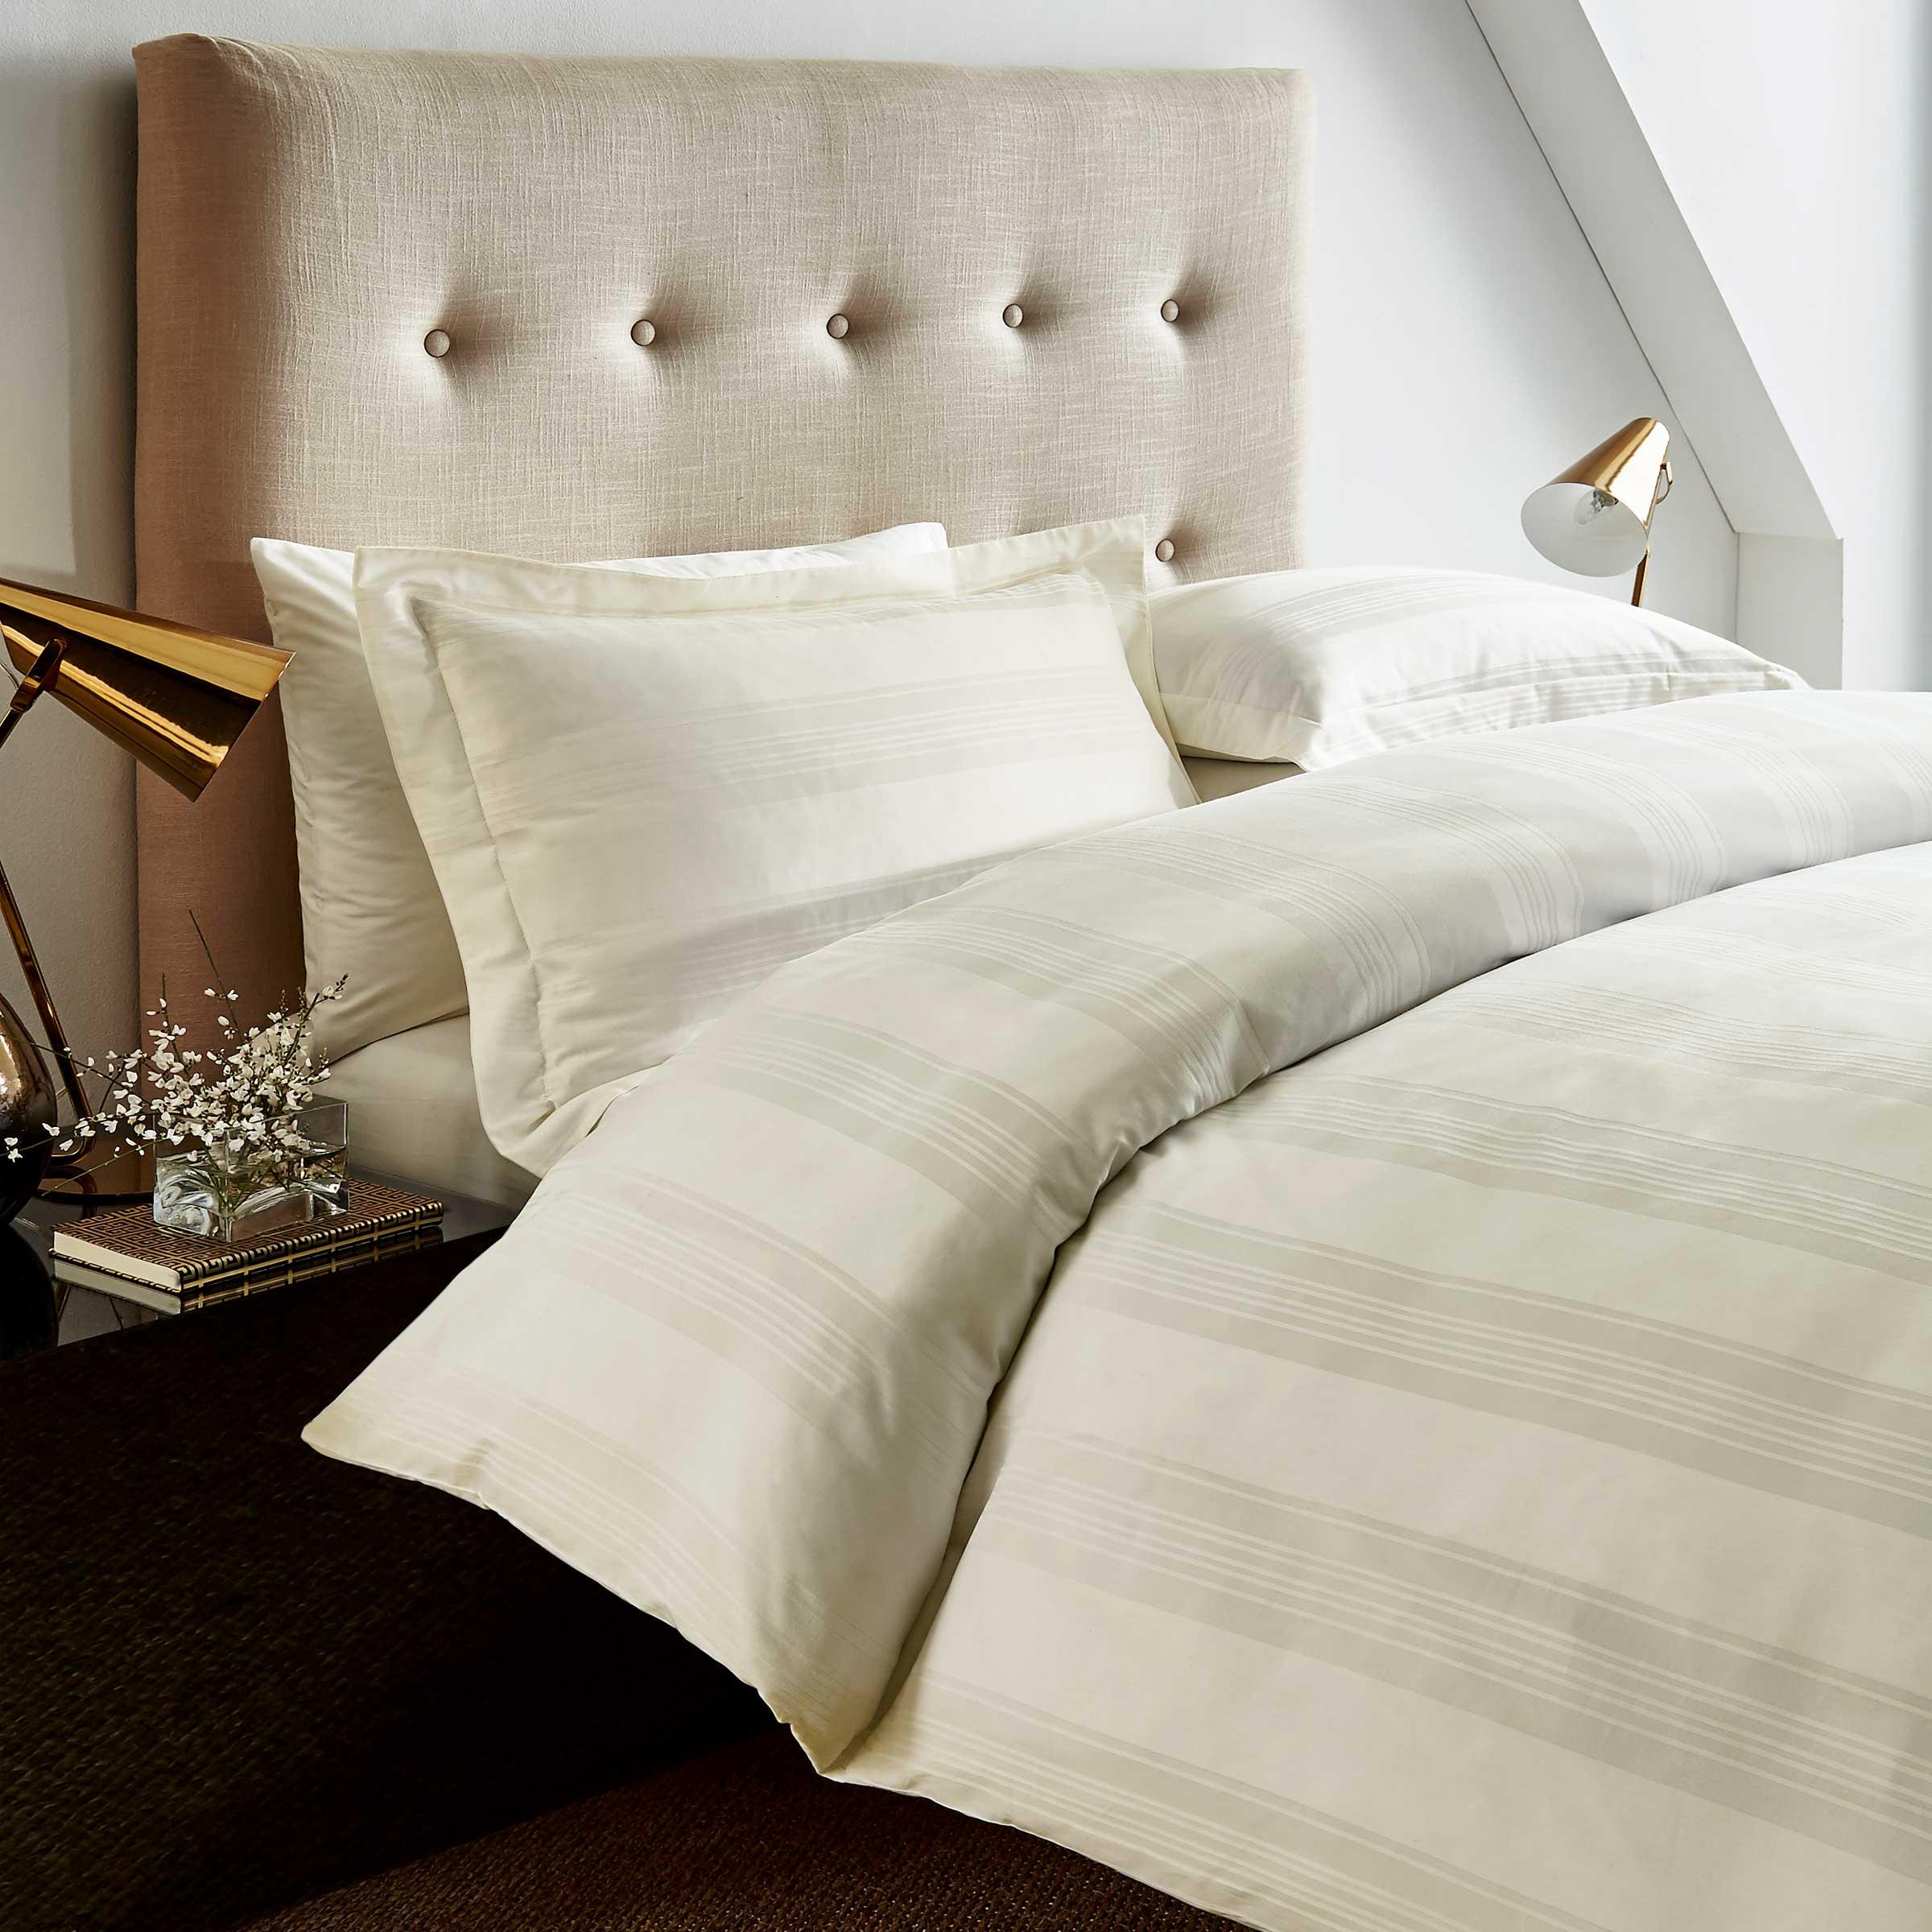 Hotel Bedding Empire Super Kingsize Duvet Cover Ivory